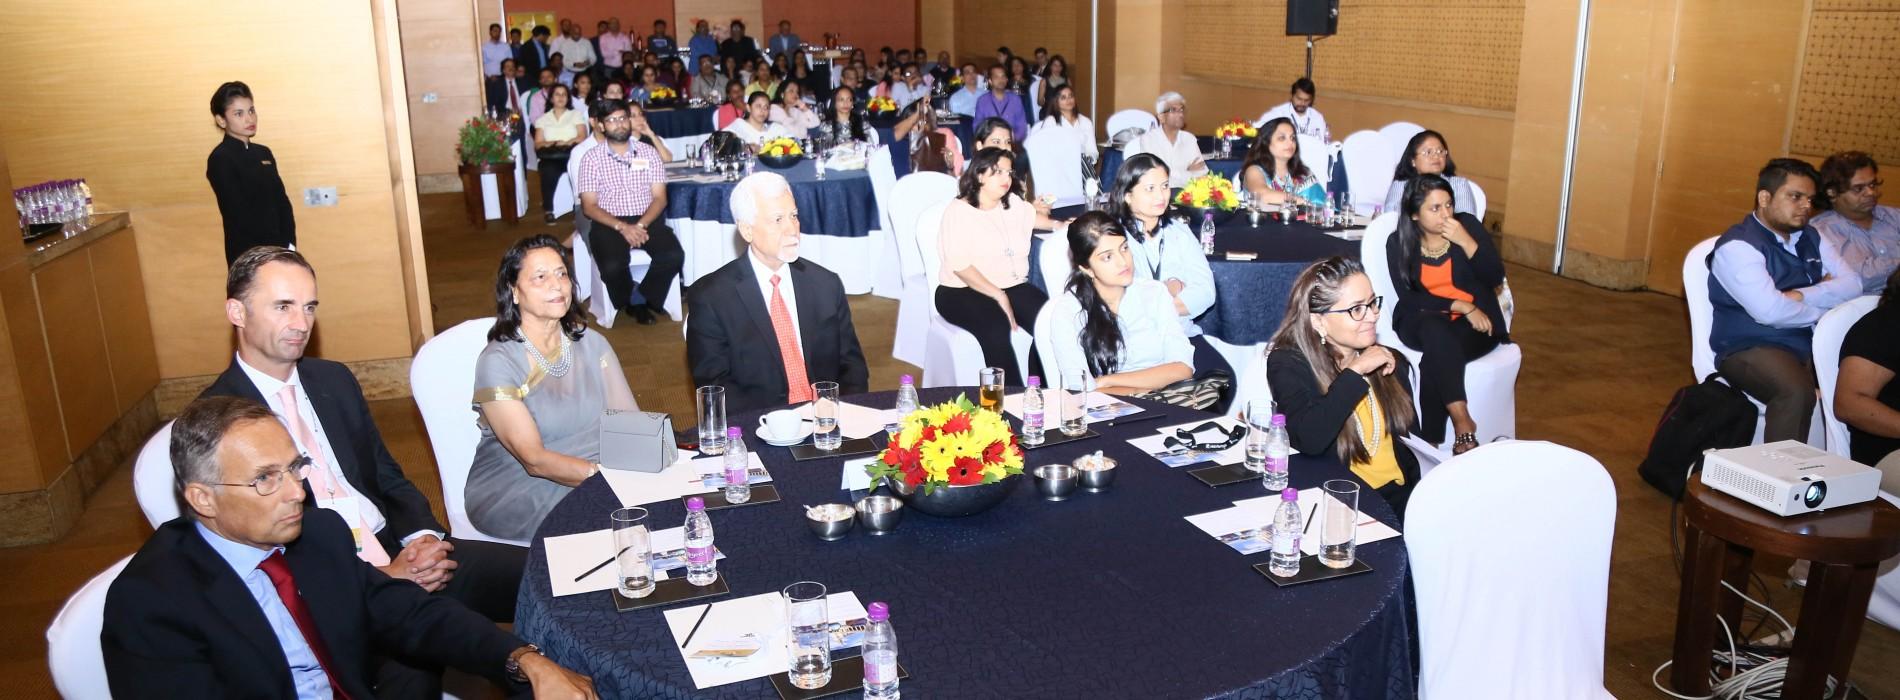 Turismo de Portugal conducts B2B Trade Roadshows in New Delhi and Mumbai